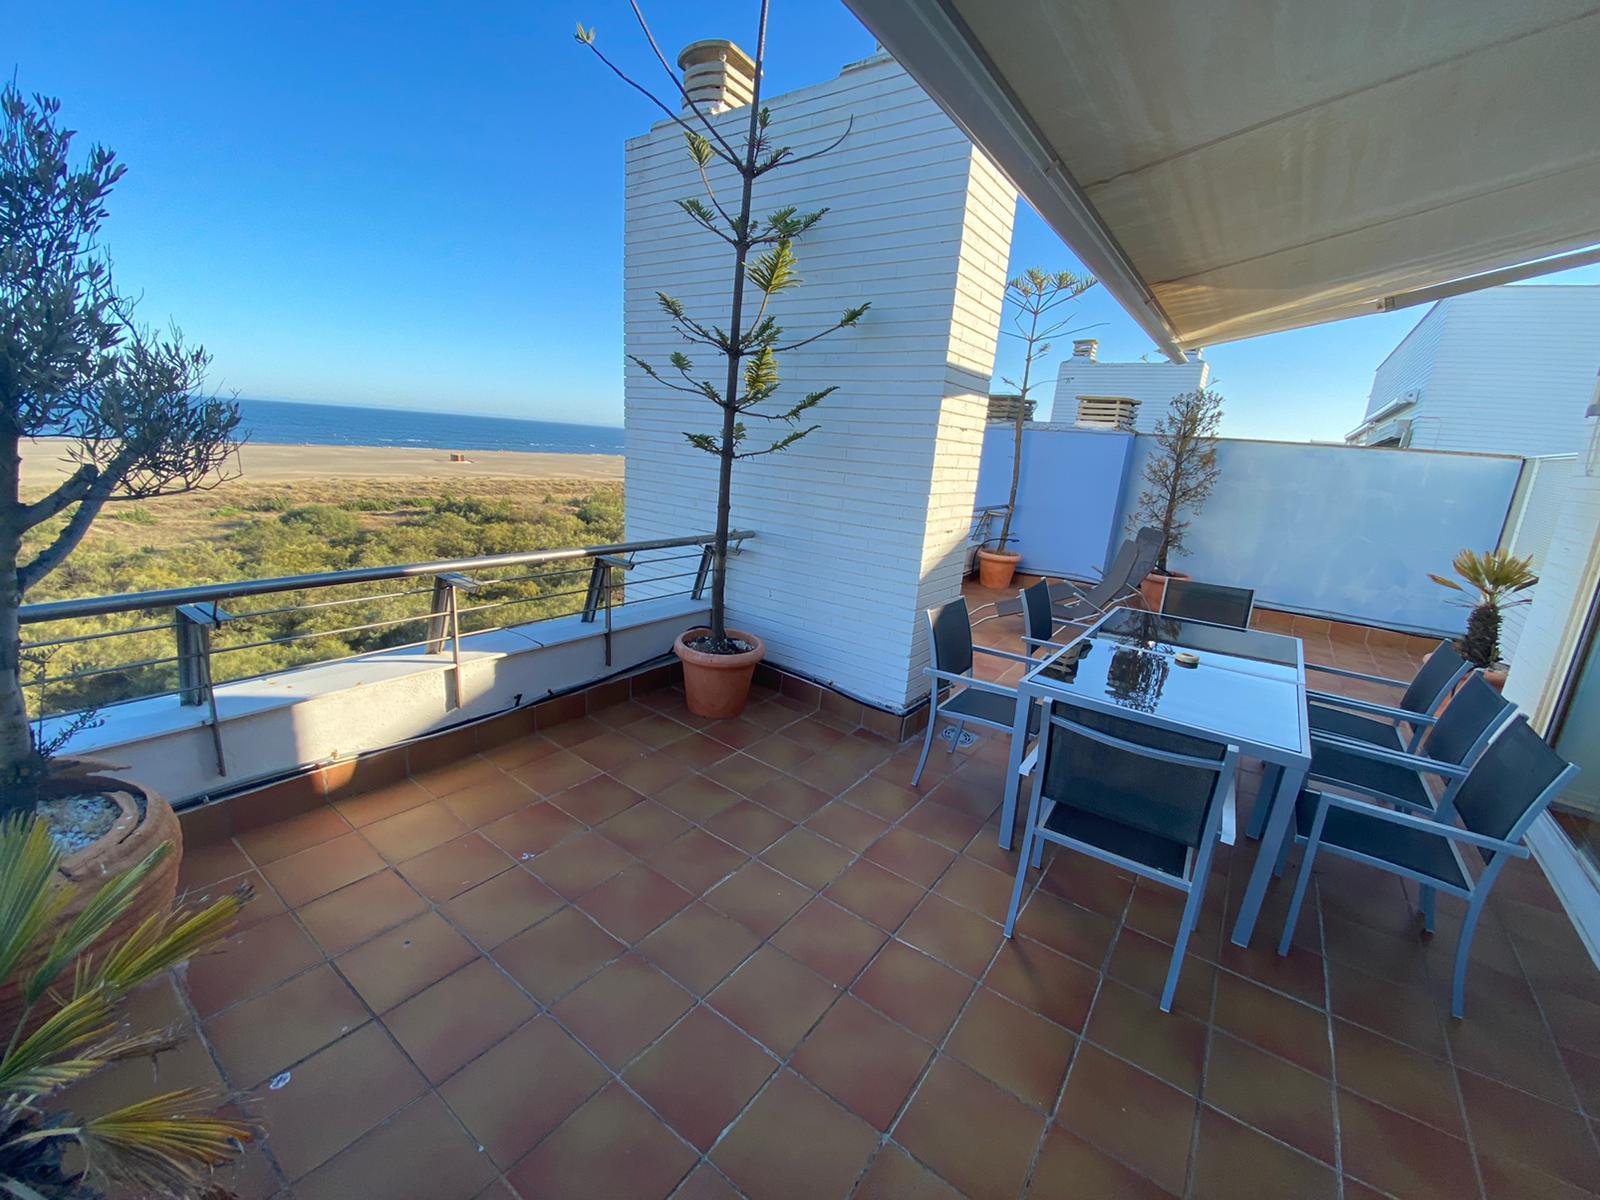 Imagen 53 del Apartamento Turístico, Ático 4 Levante, Frontal (4d+2b), Punta del Moral (HUELVA), Paseo de la Cruz nº22